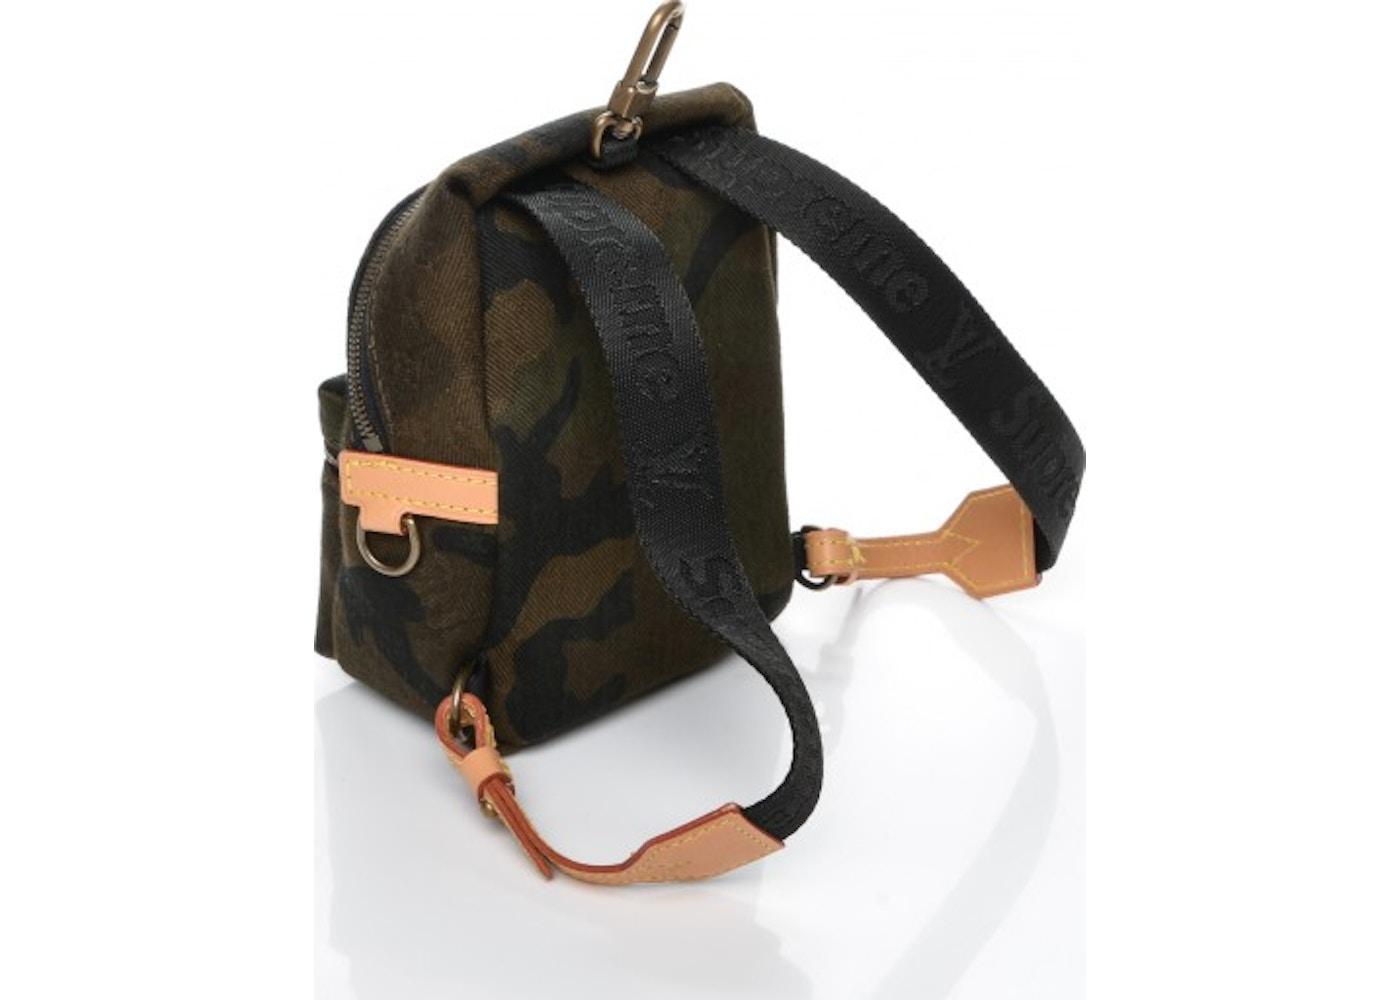 f0b8c3590dfa Louis Vuitton x Supreme Apollo Backpack Monogram Camo Nano